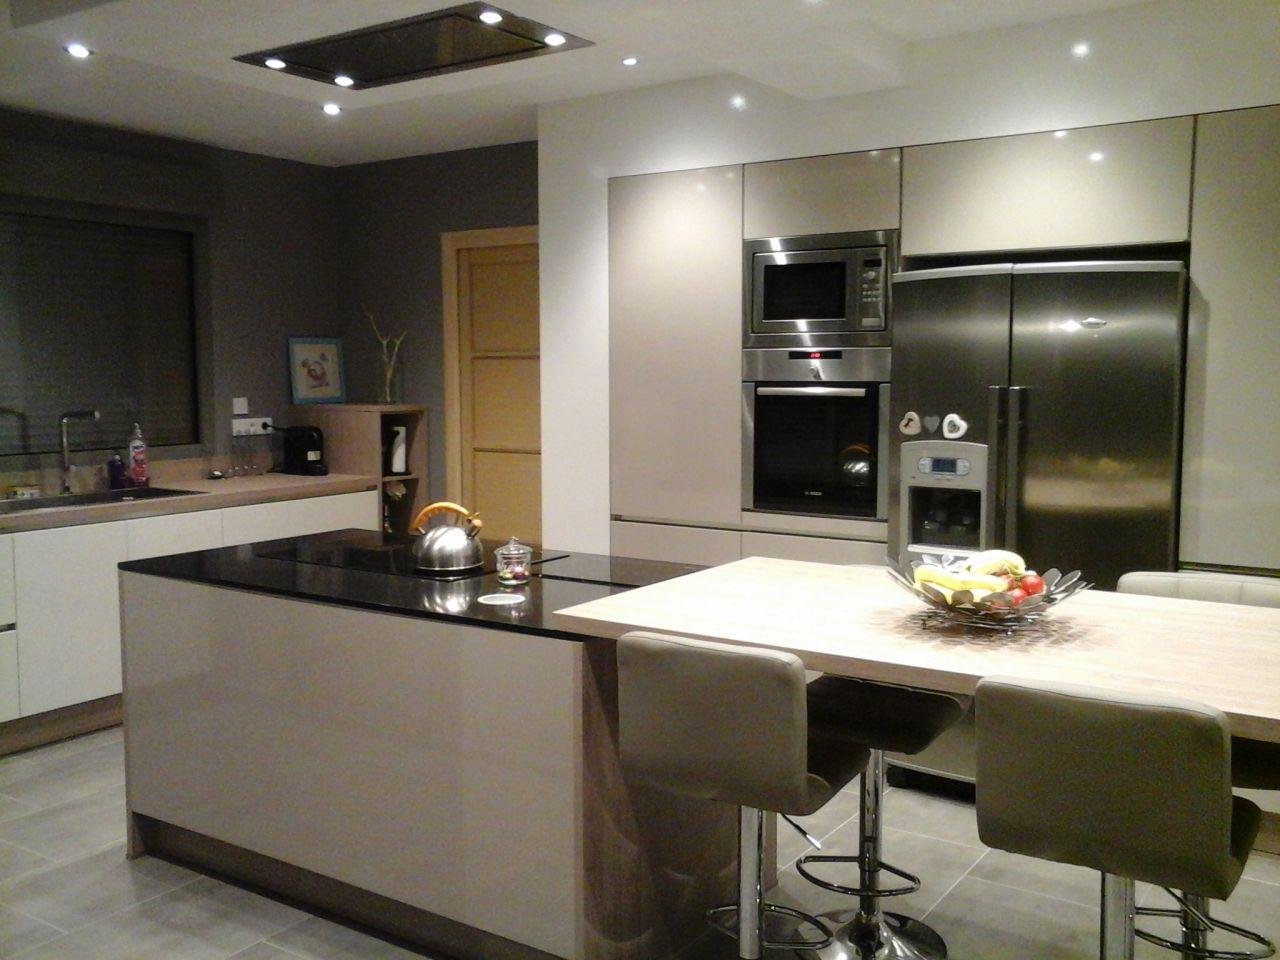 10 id es de cuisines aux meubles laqu s blancs et bois les s lections de l 39 quipe. Black Bedroom Furniture Sets. Home Design Ideas